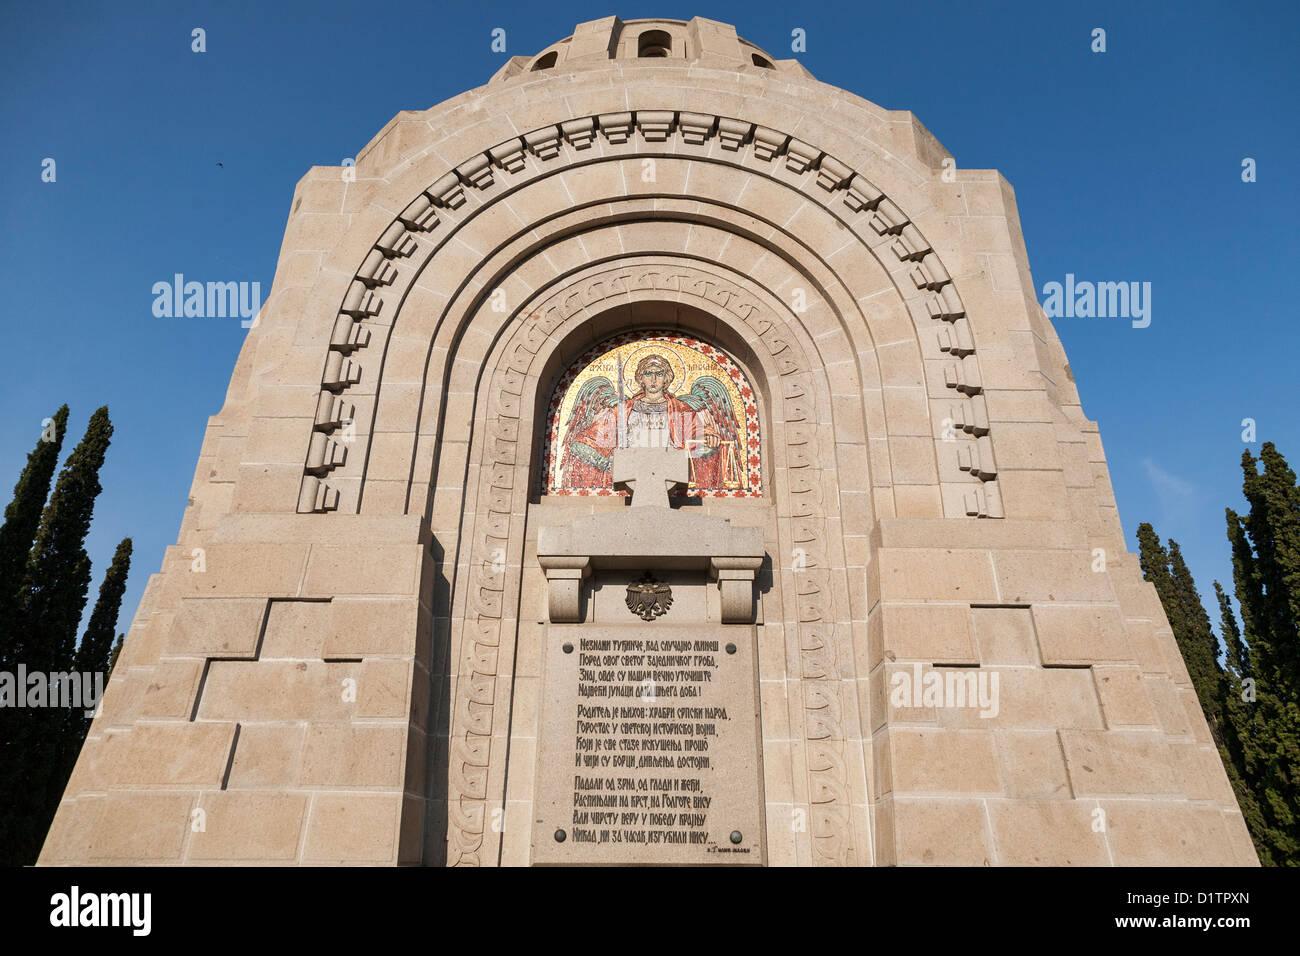 Serbian Chapel, Zeitenlik Allied Military Cemeteries in Thessaloniki, Greece - Stock Image